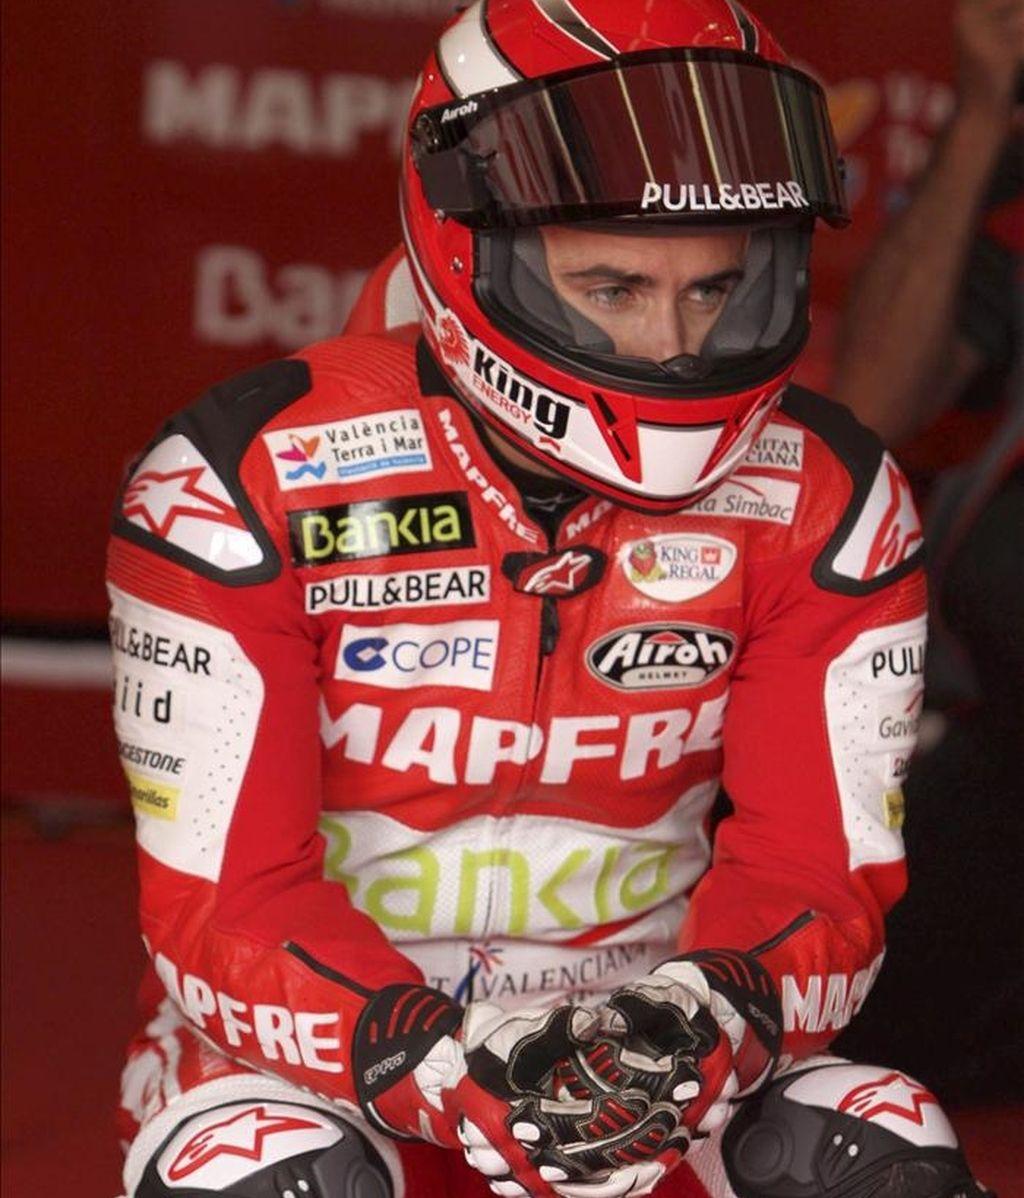 El piloto español de MotoGP, Héctor Barberá. EFE/Archivo